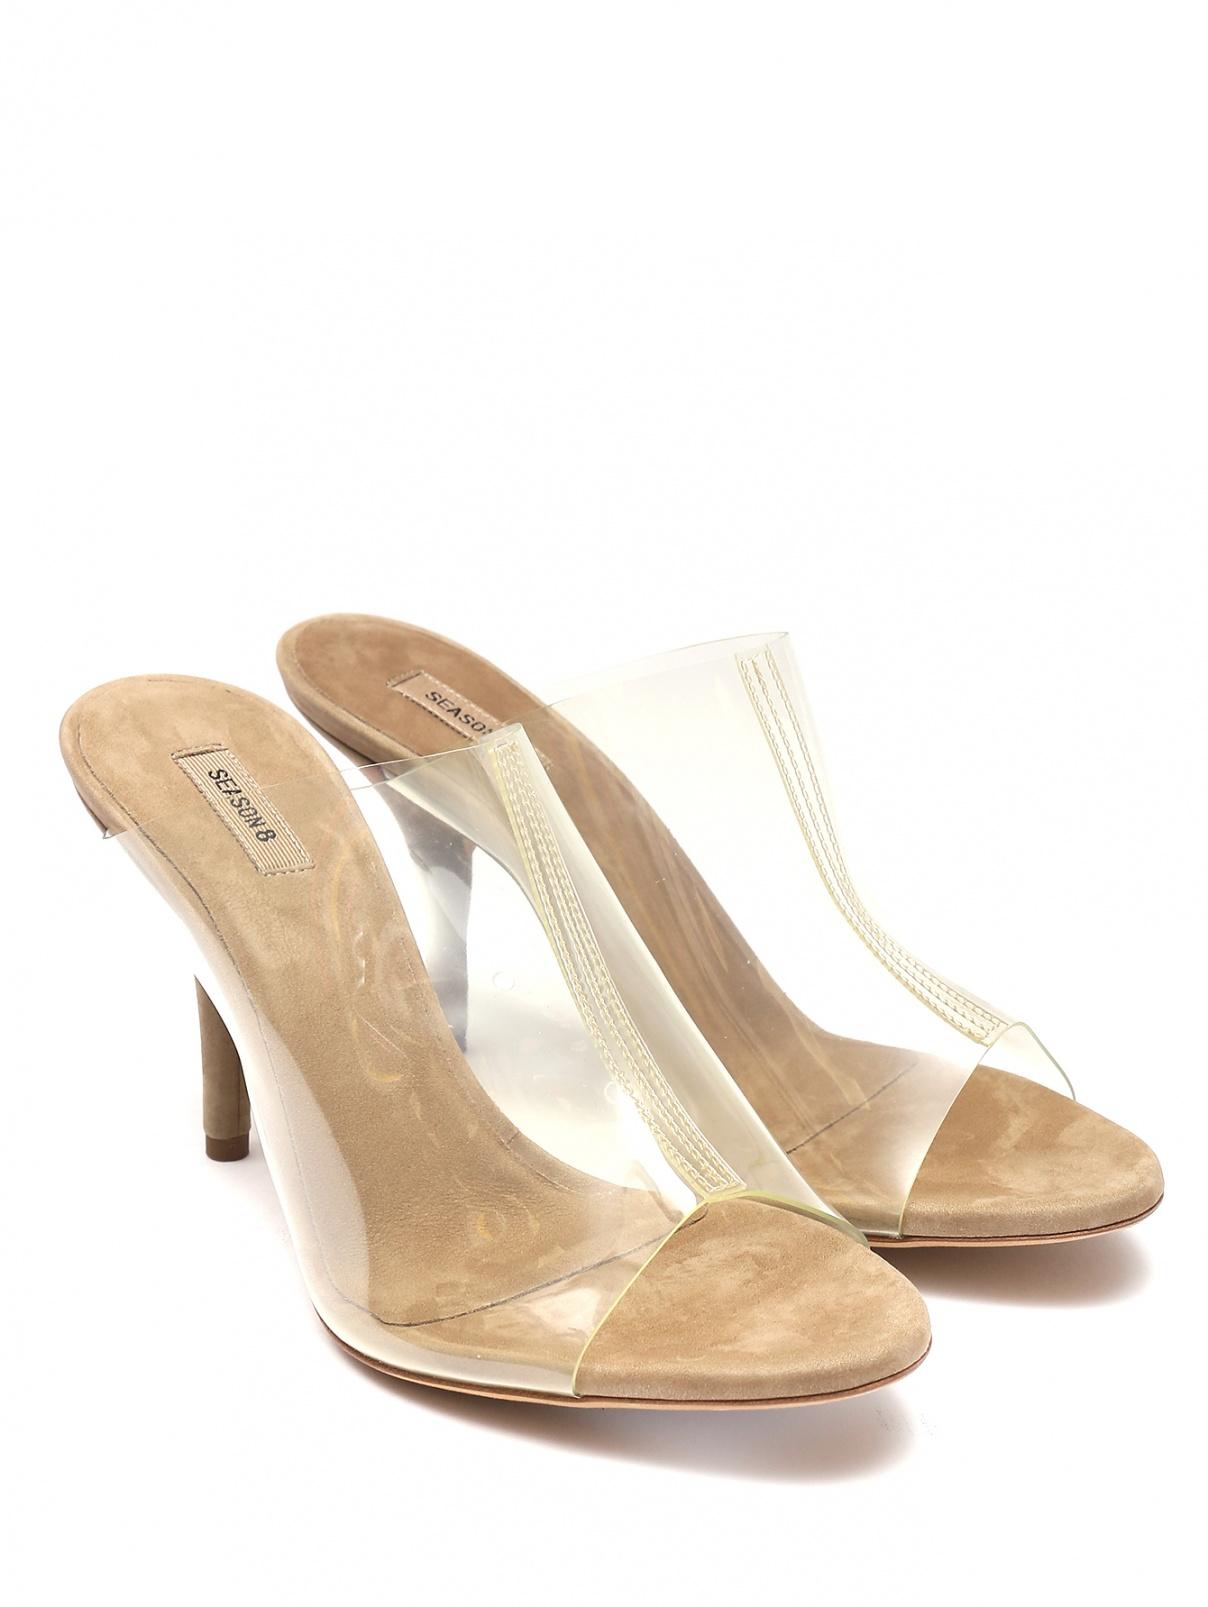 Босоножки на среднем каблуке Yeezy  –  Общий вид  – Цвет:  Бежевый